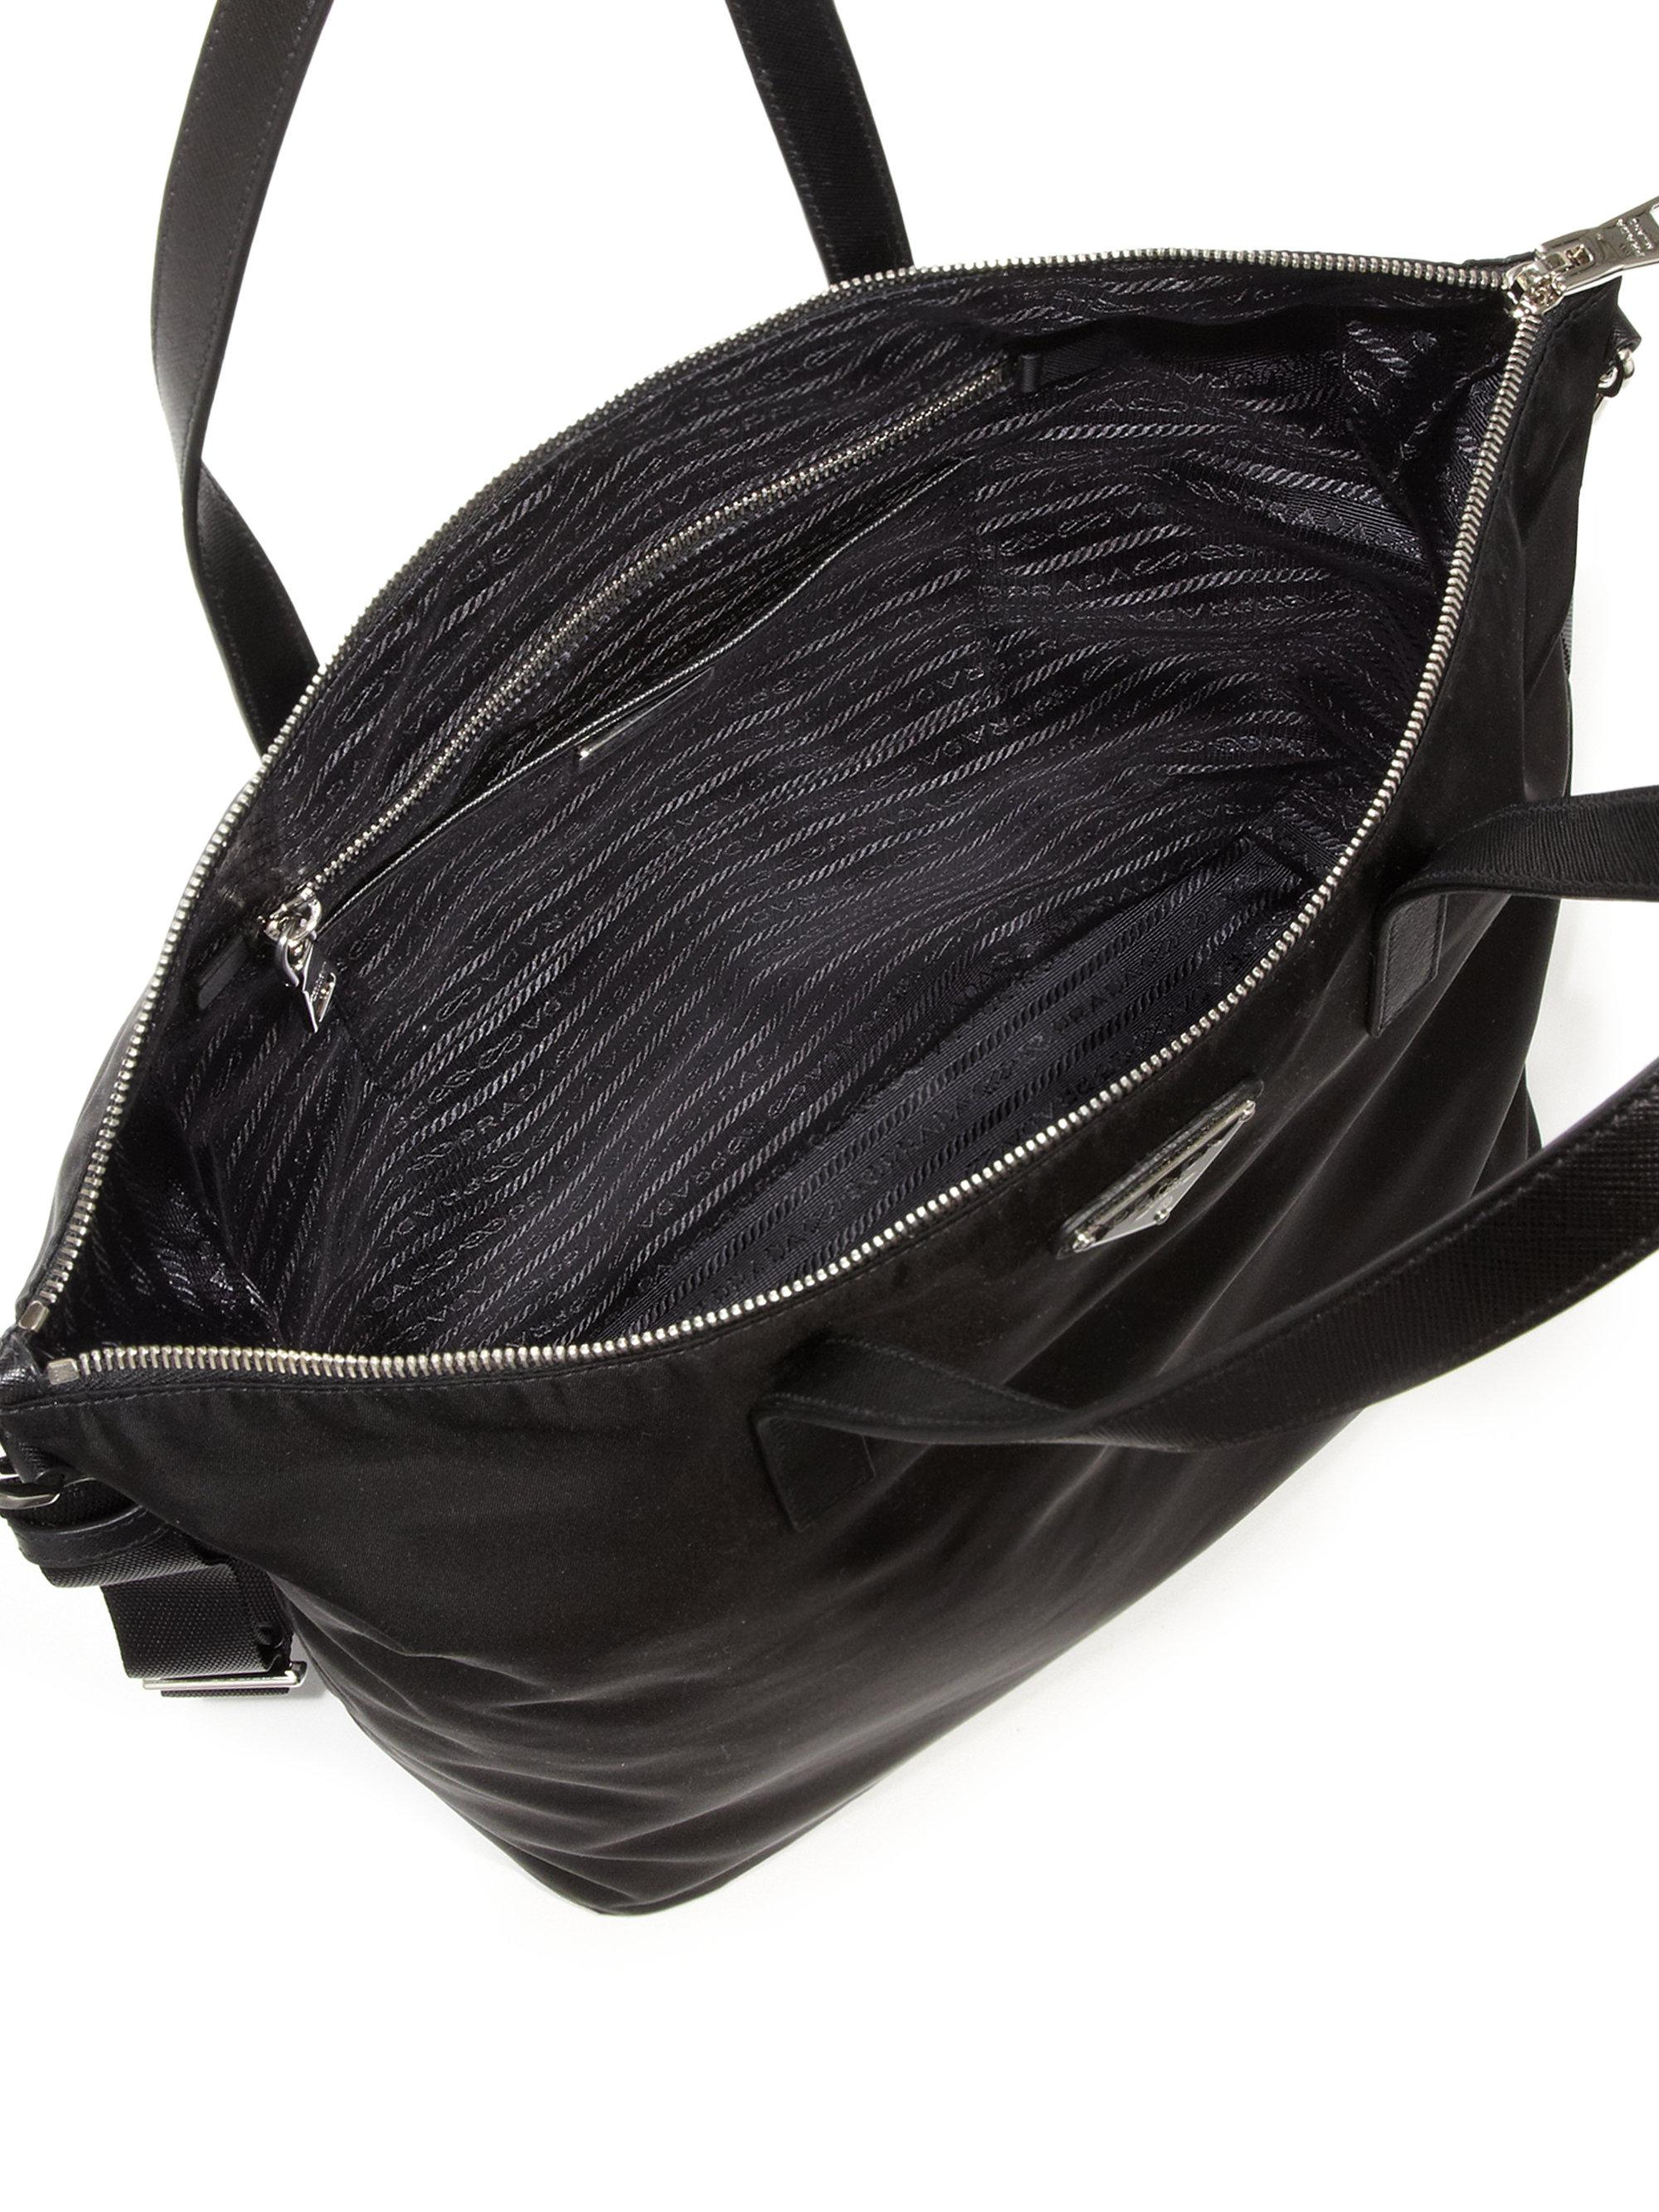 Nylon Leather Zip Tote